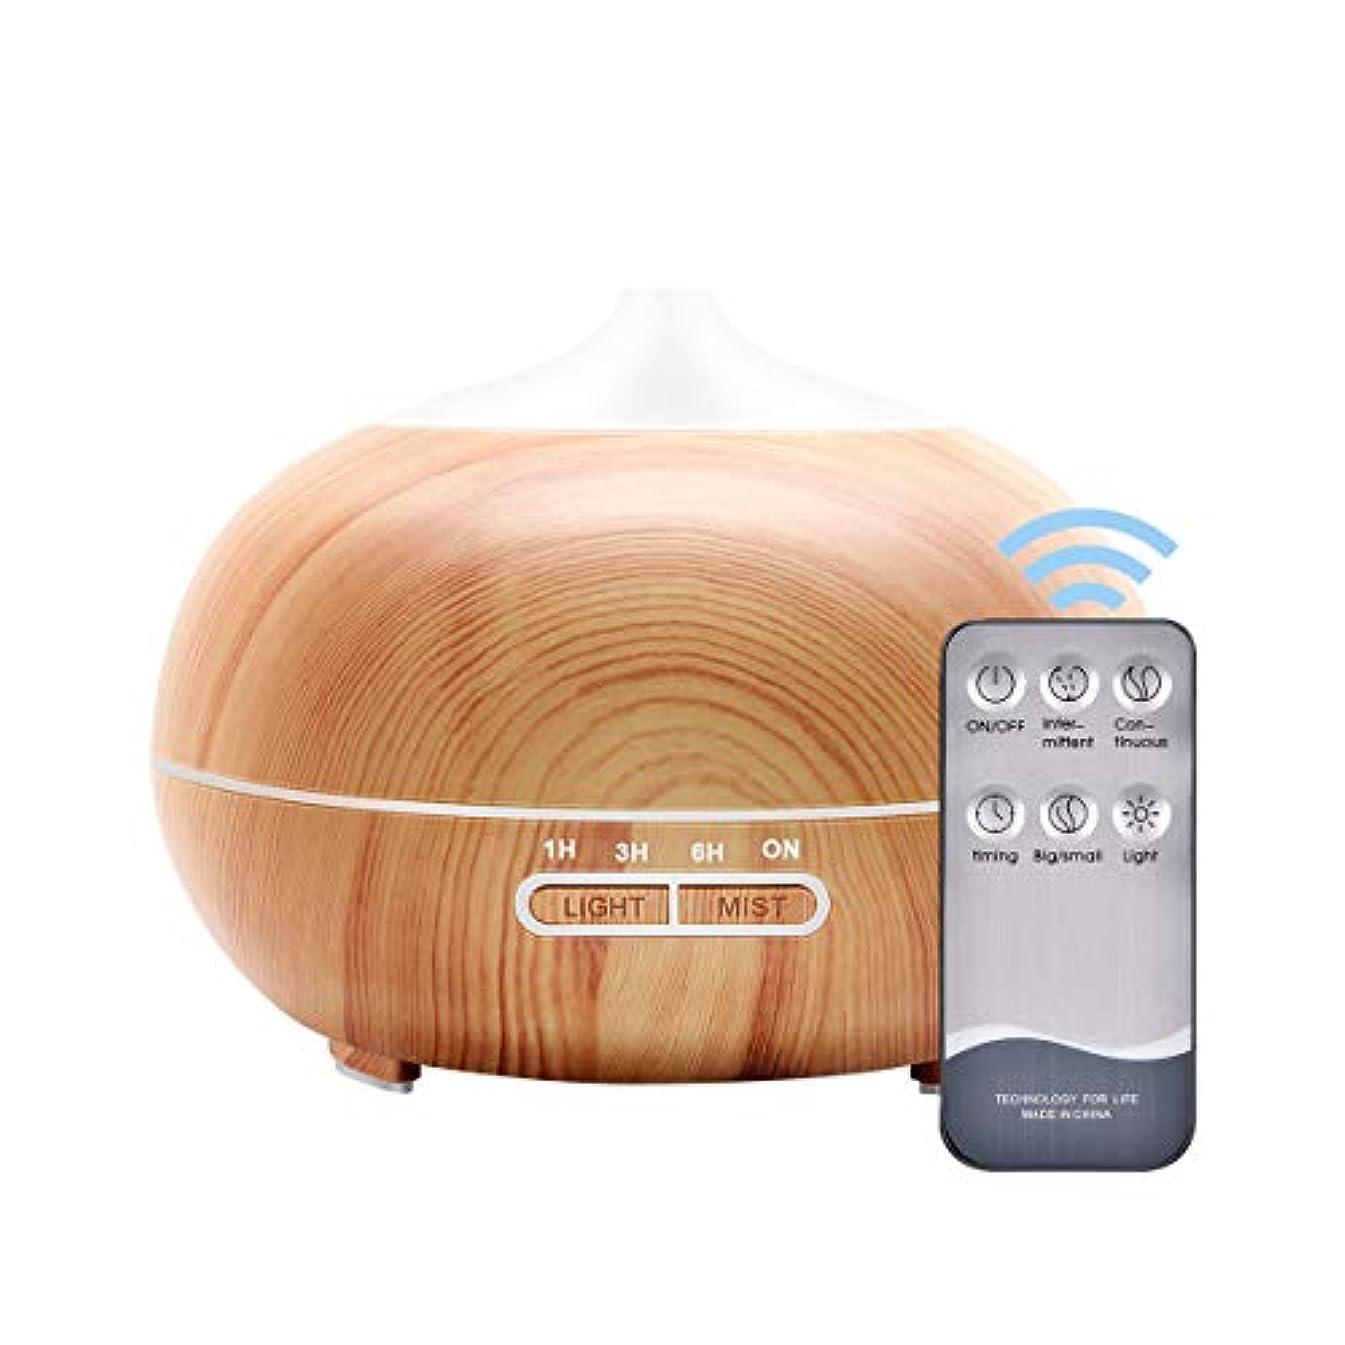 テメリティモッキンバード一般的にHealifty Essential Oil Diffuser Aroma Essential Oil Cool Mist Humidifier Remote Control Aromatherapy Diffuser with JP Plug